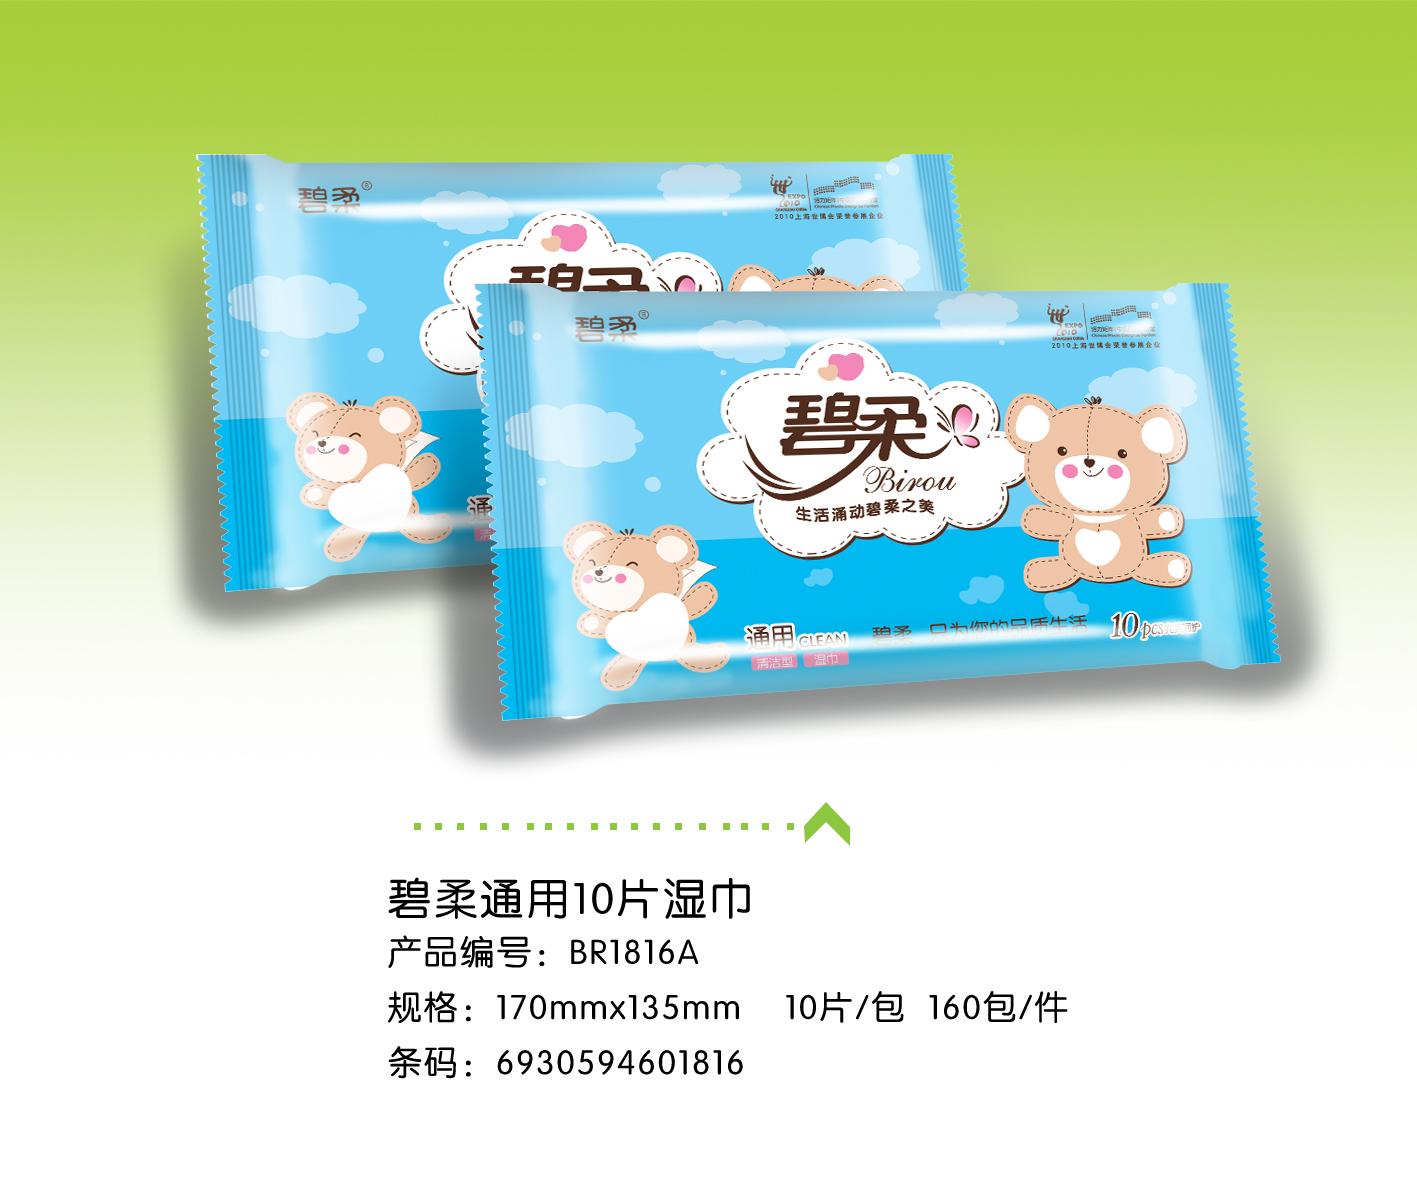 碧柔湿巾迷你熊10片